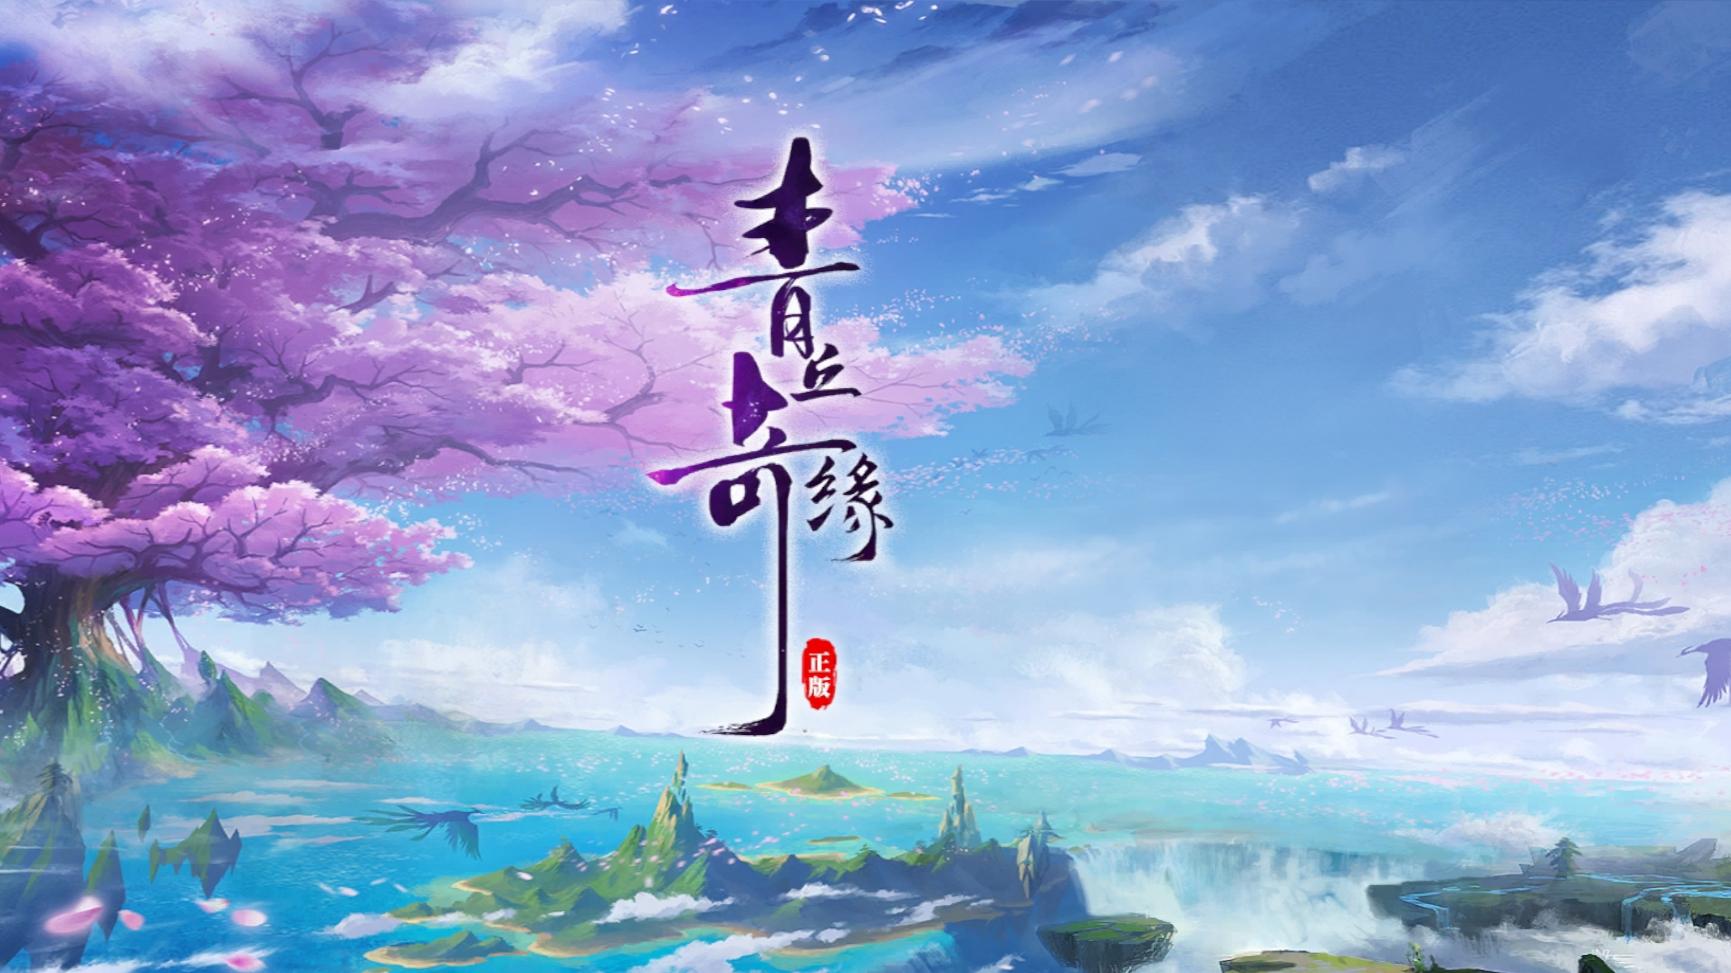 【玩家评测】《青丘奇缘》遨游仙界穿梭云间让你体验神仙快...